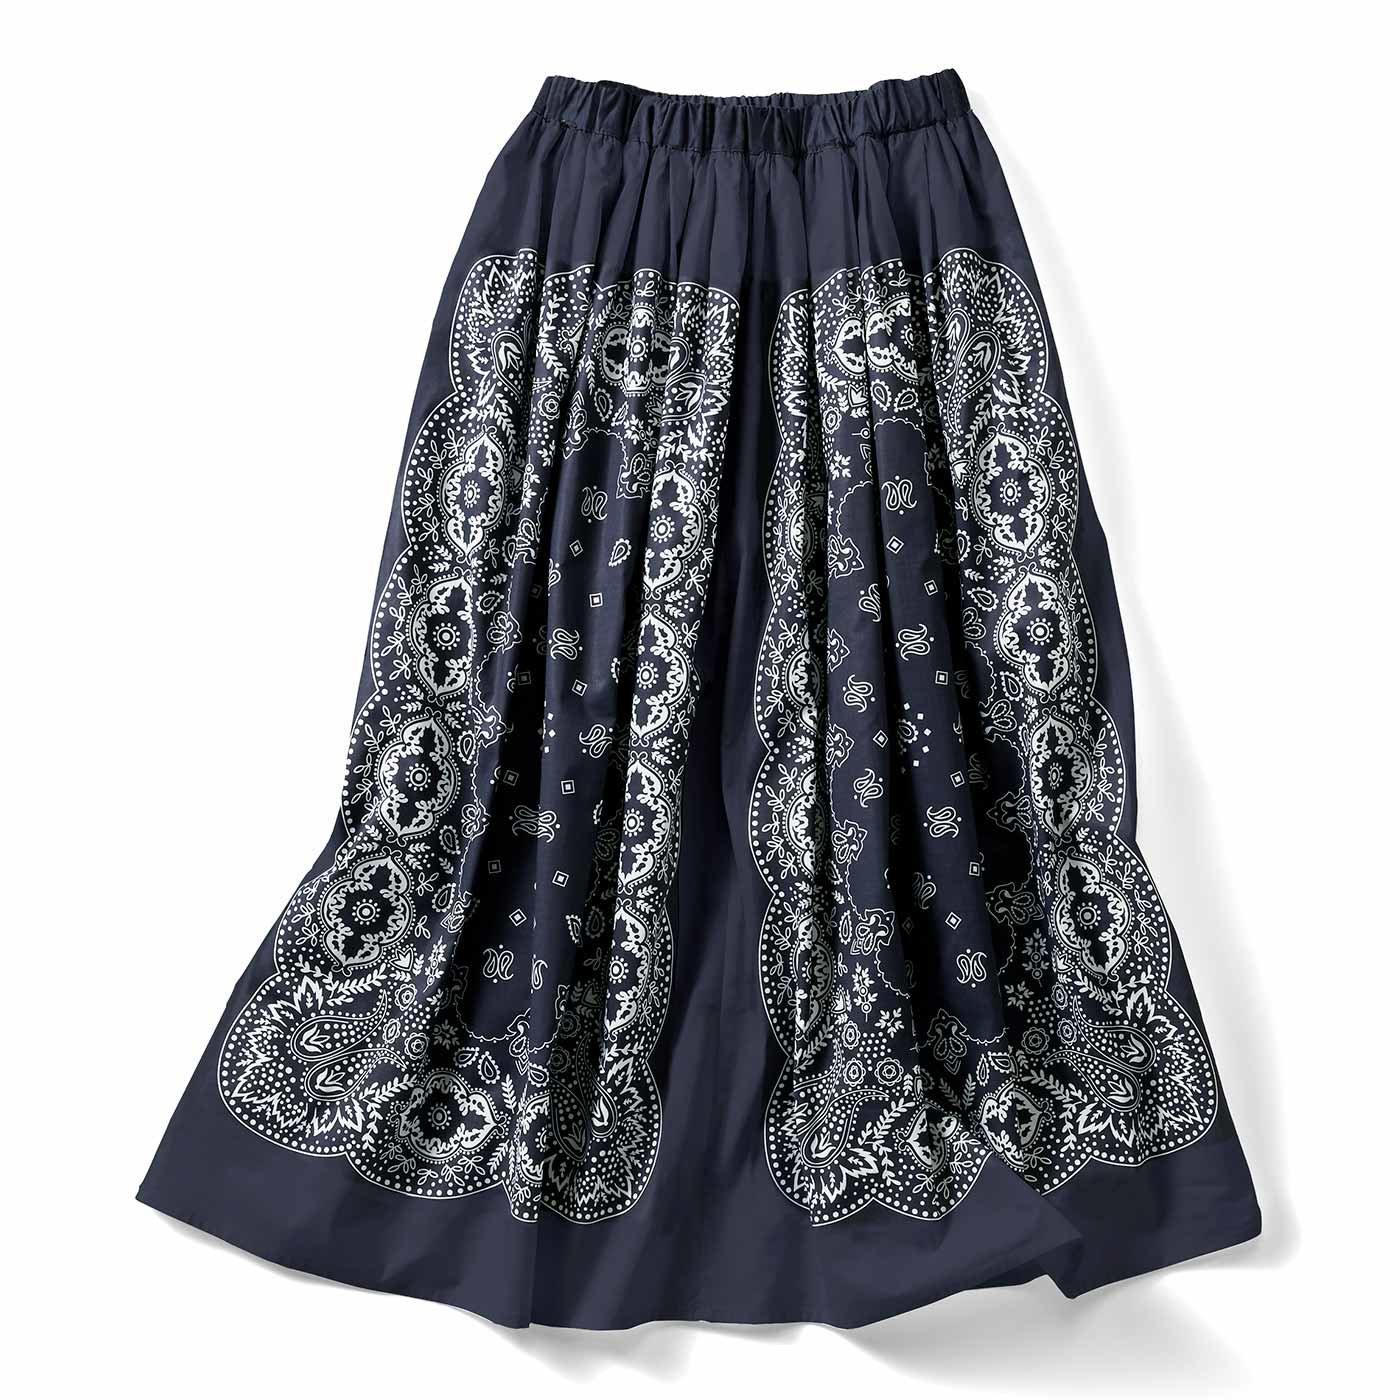 【イラストレーターきくちあつこさんコラボ】IEDIT[イディット] バンダナ柄ギャザーフレアースカート〈グレイッシュネイビー〉